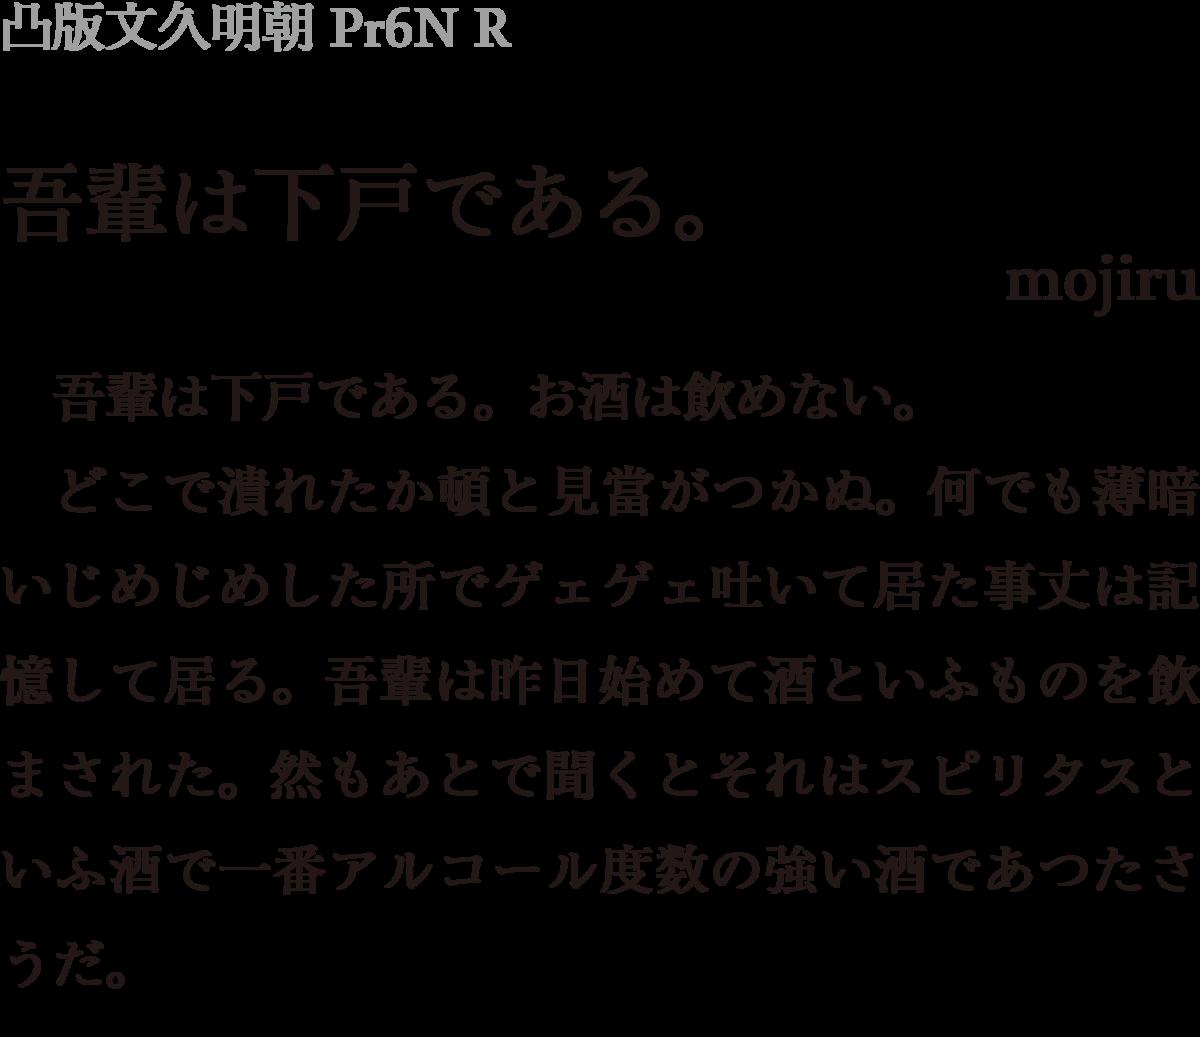 f:id:mojiru:20190410094428p:plain